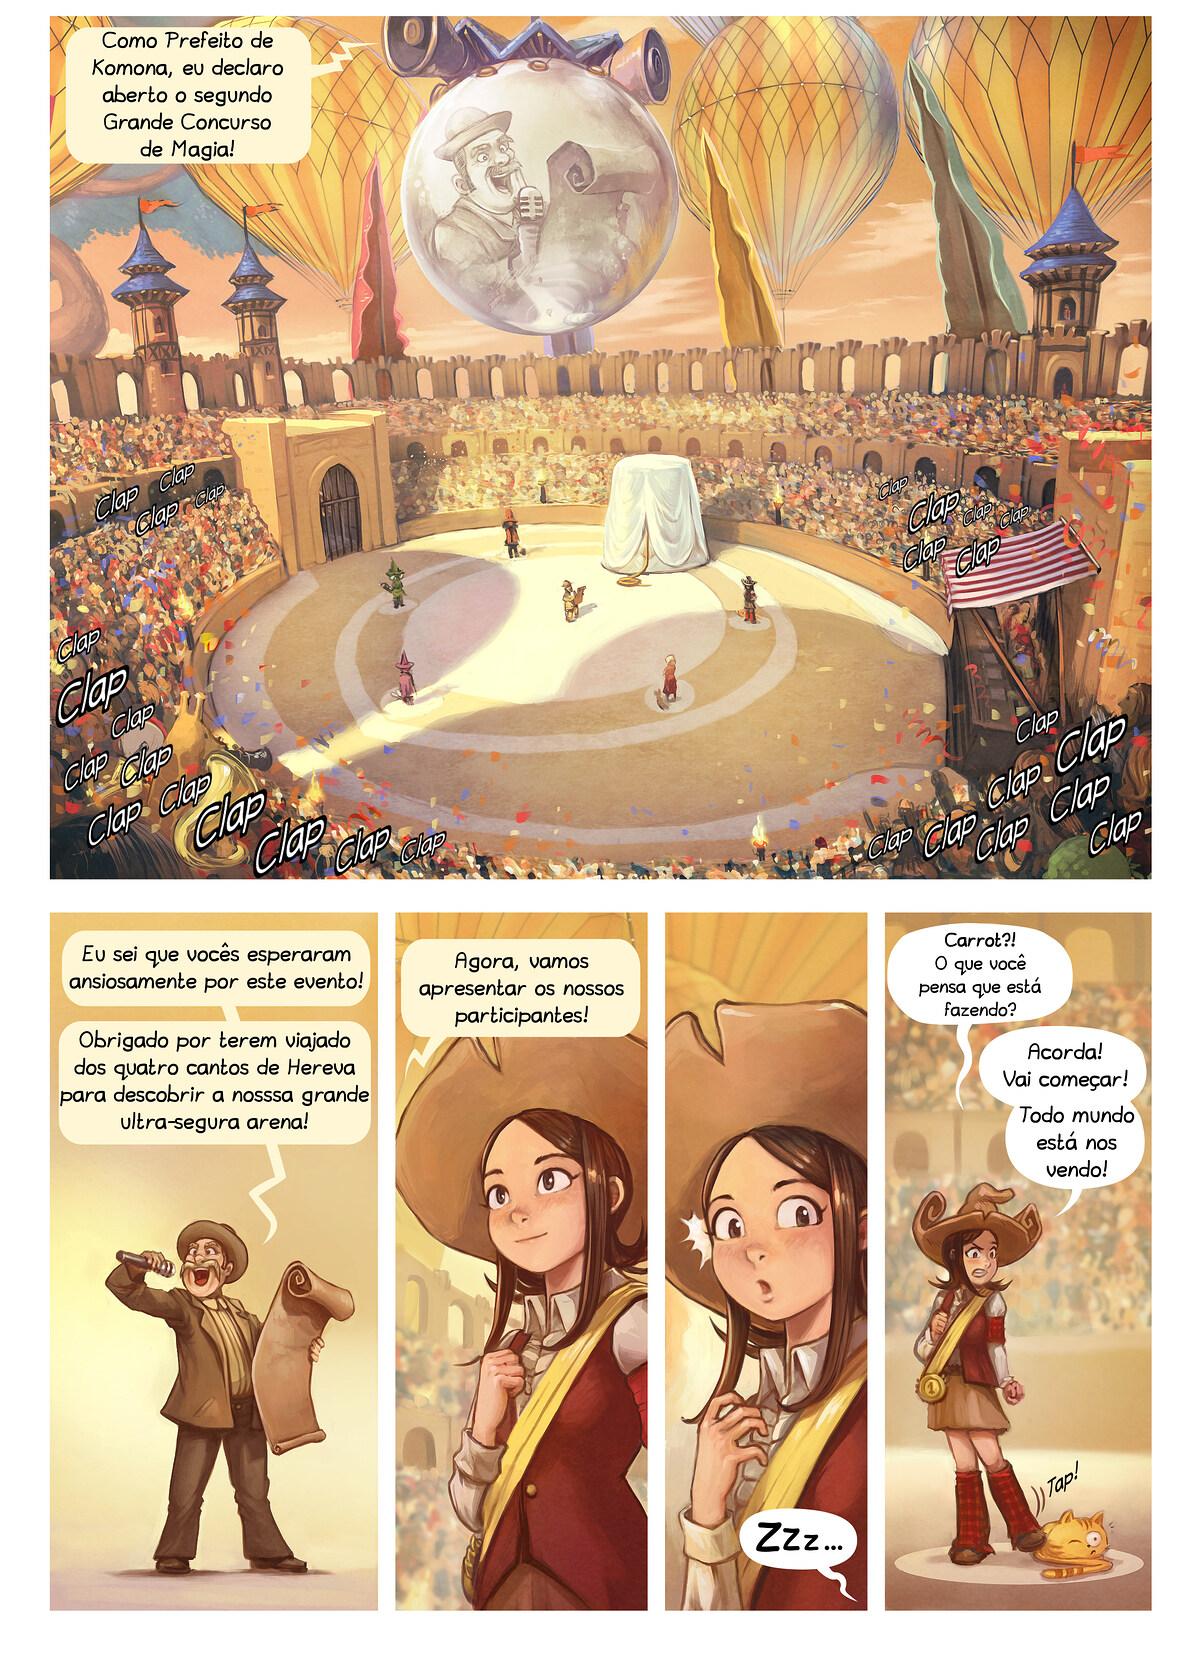 Episódio 21: O Concurso de Magia, Page 3